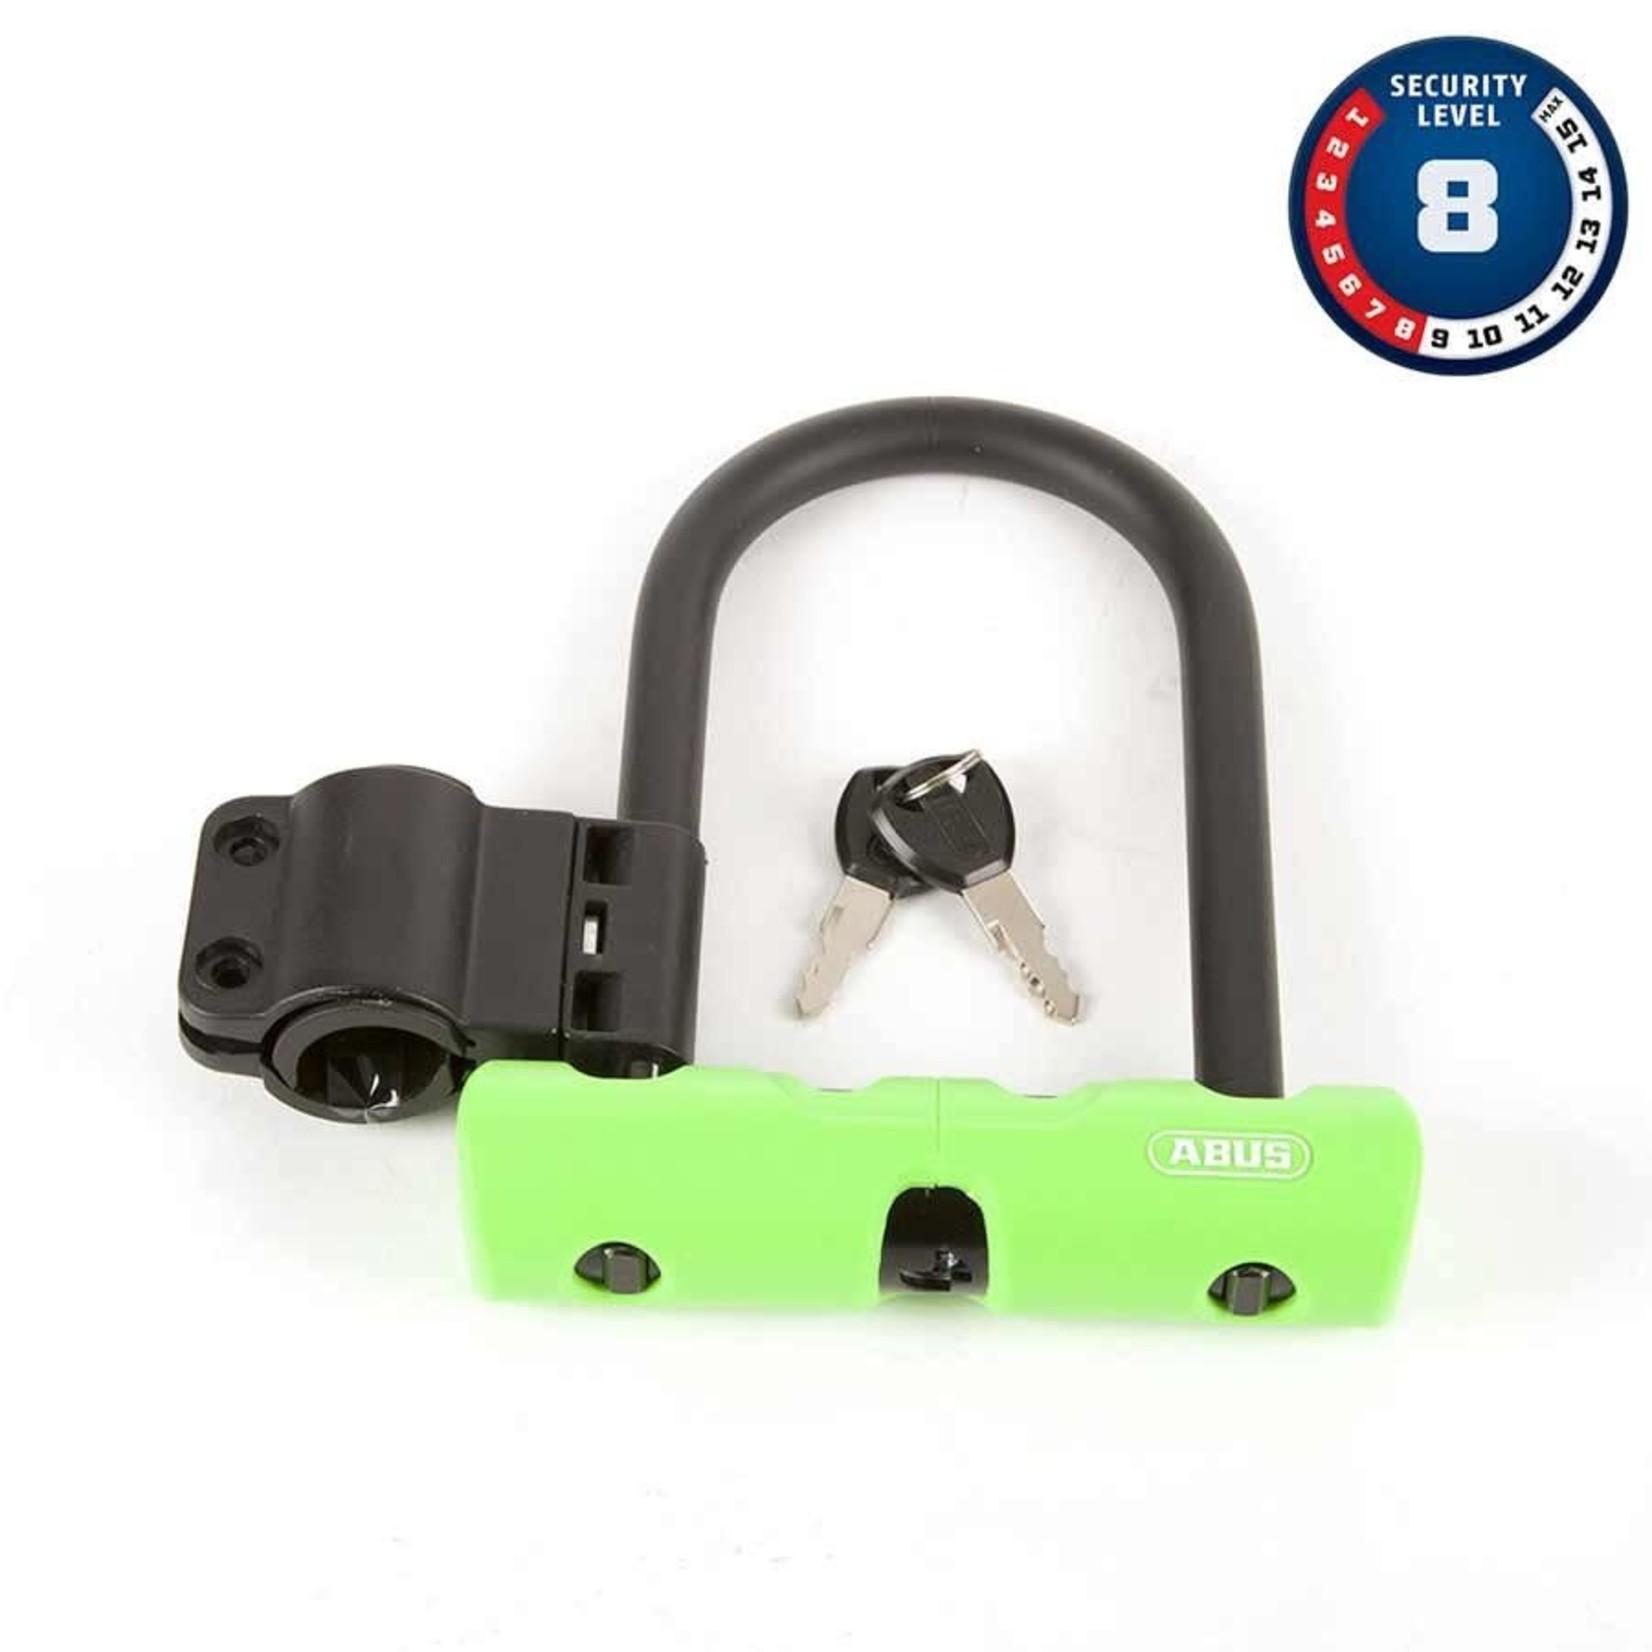 Abus Abus Ultra Mini 410 U-Lock, 12mm x 140mm